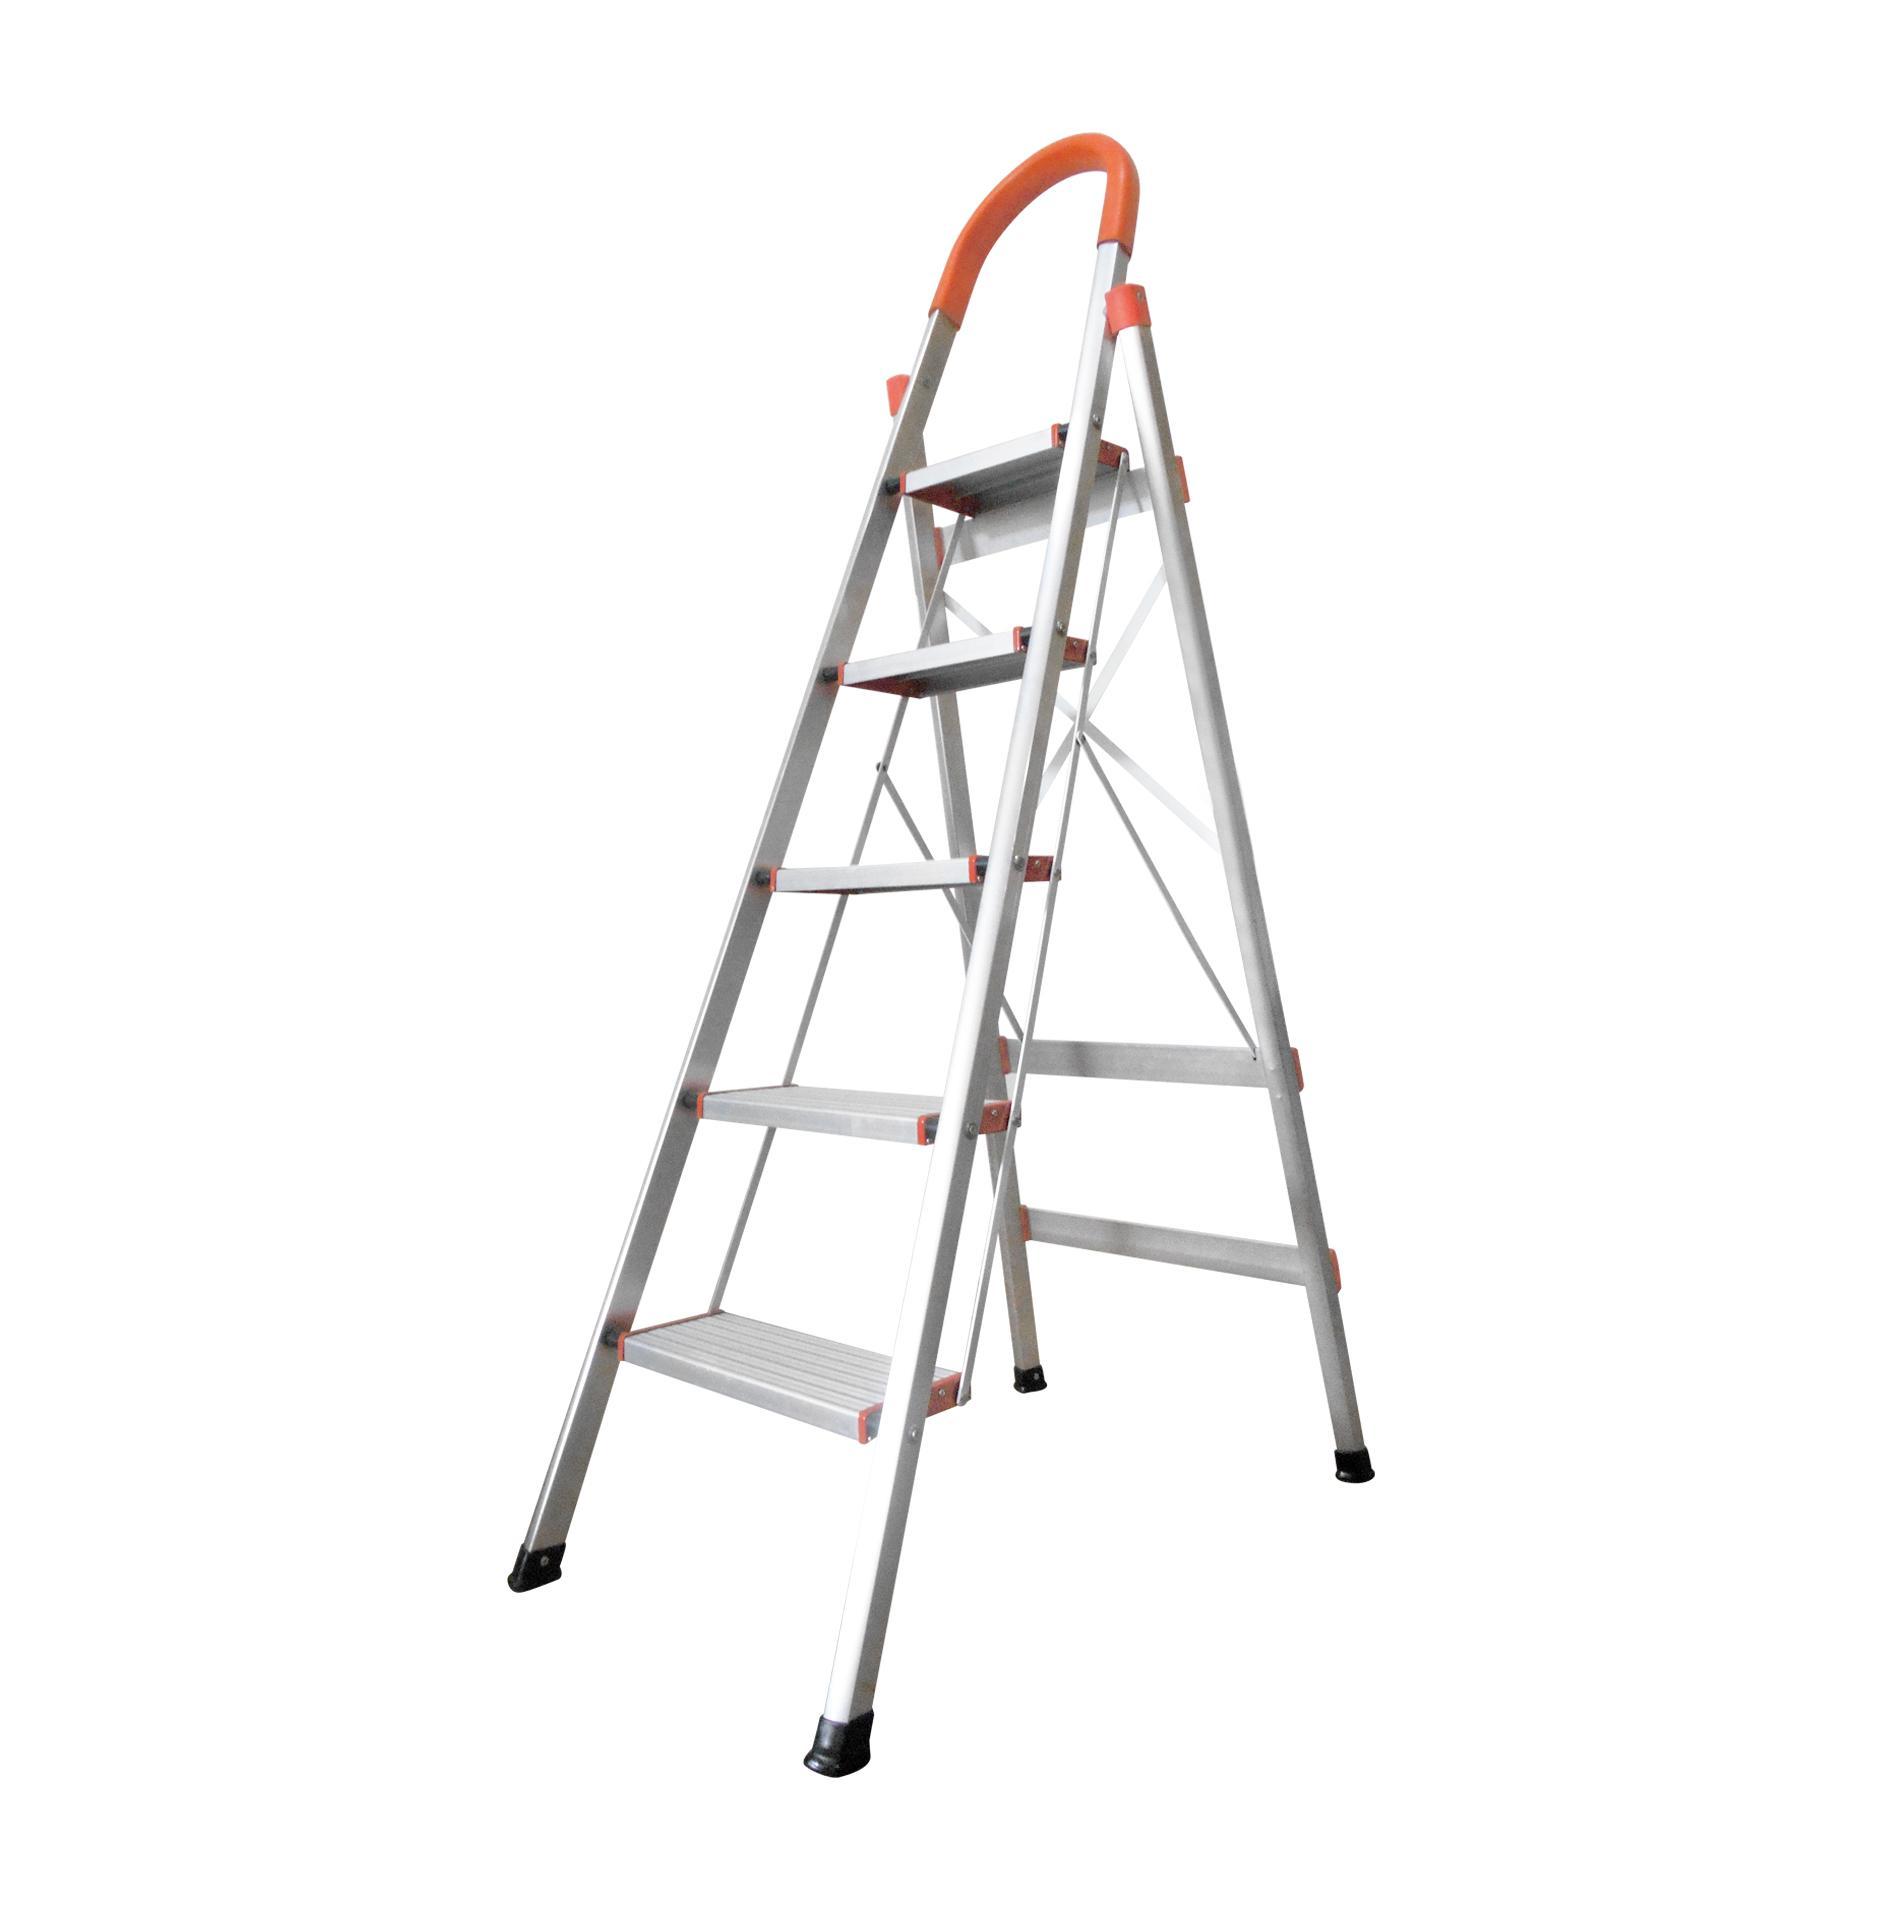 Tangga Alumunium Multi Purpose 478m Dalton Ml 104 Lipat Aluminium Step Ladder 406 Kmh0305 5 Silver 16 Meter Engsel Tahan Lama Kuat Awet